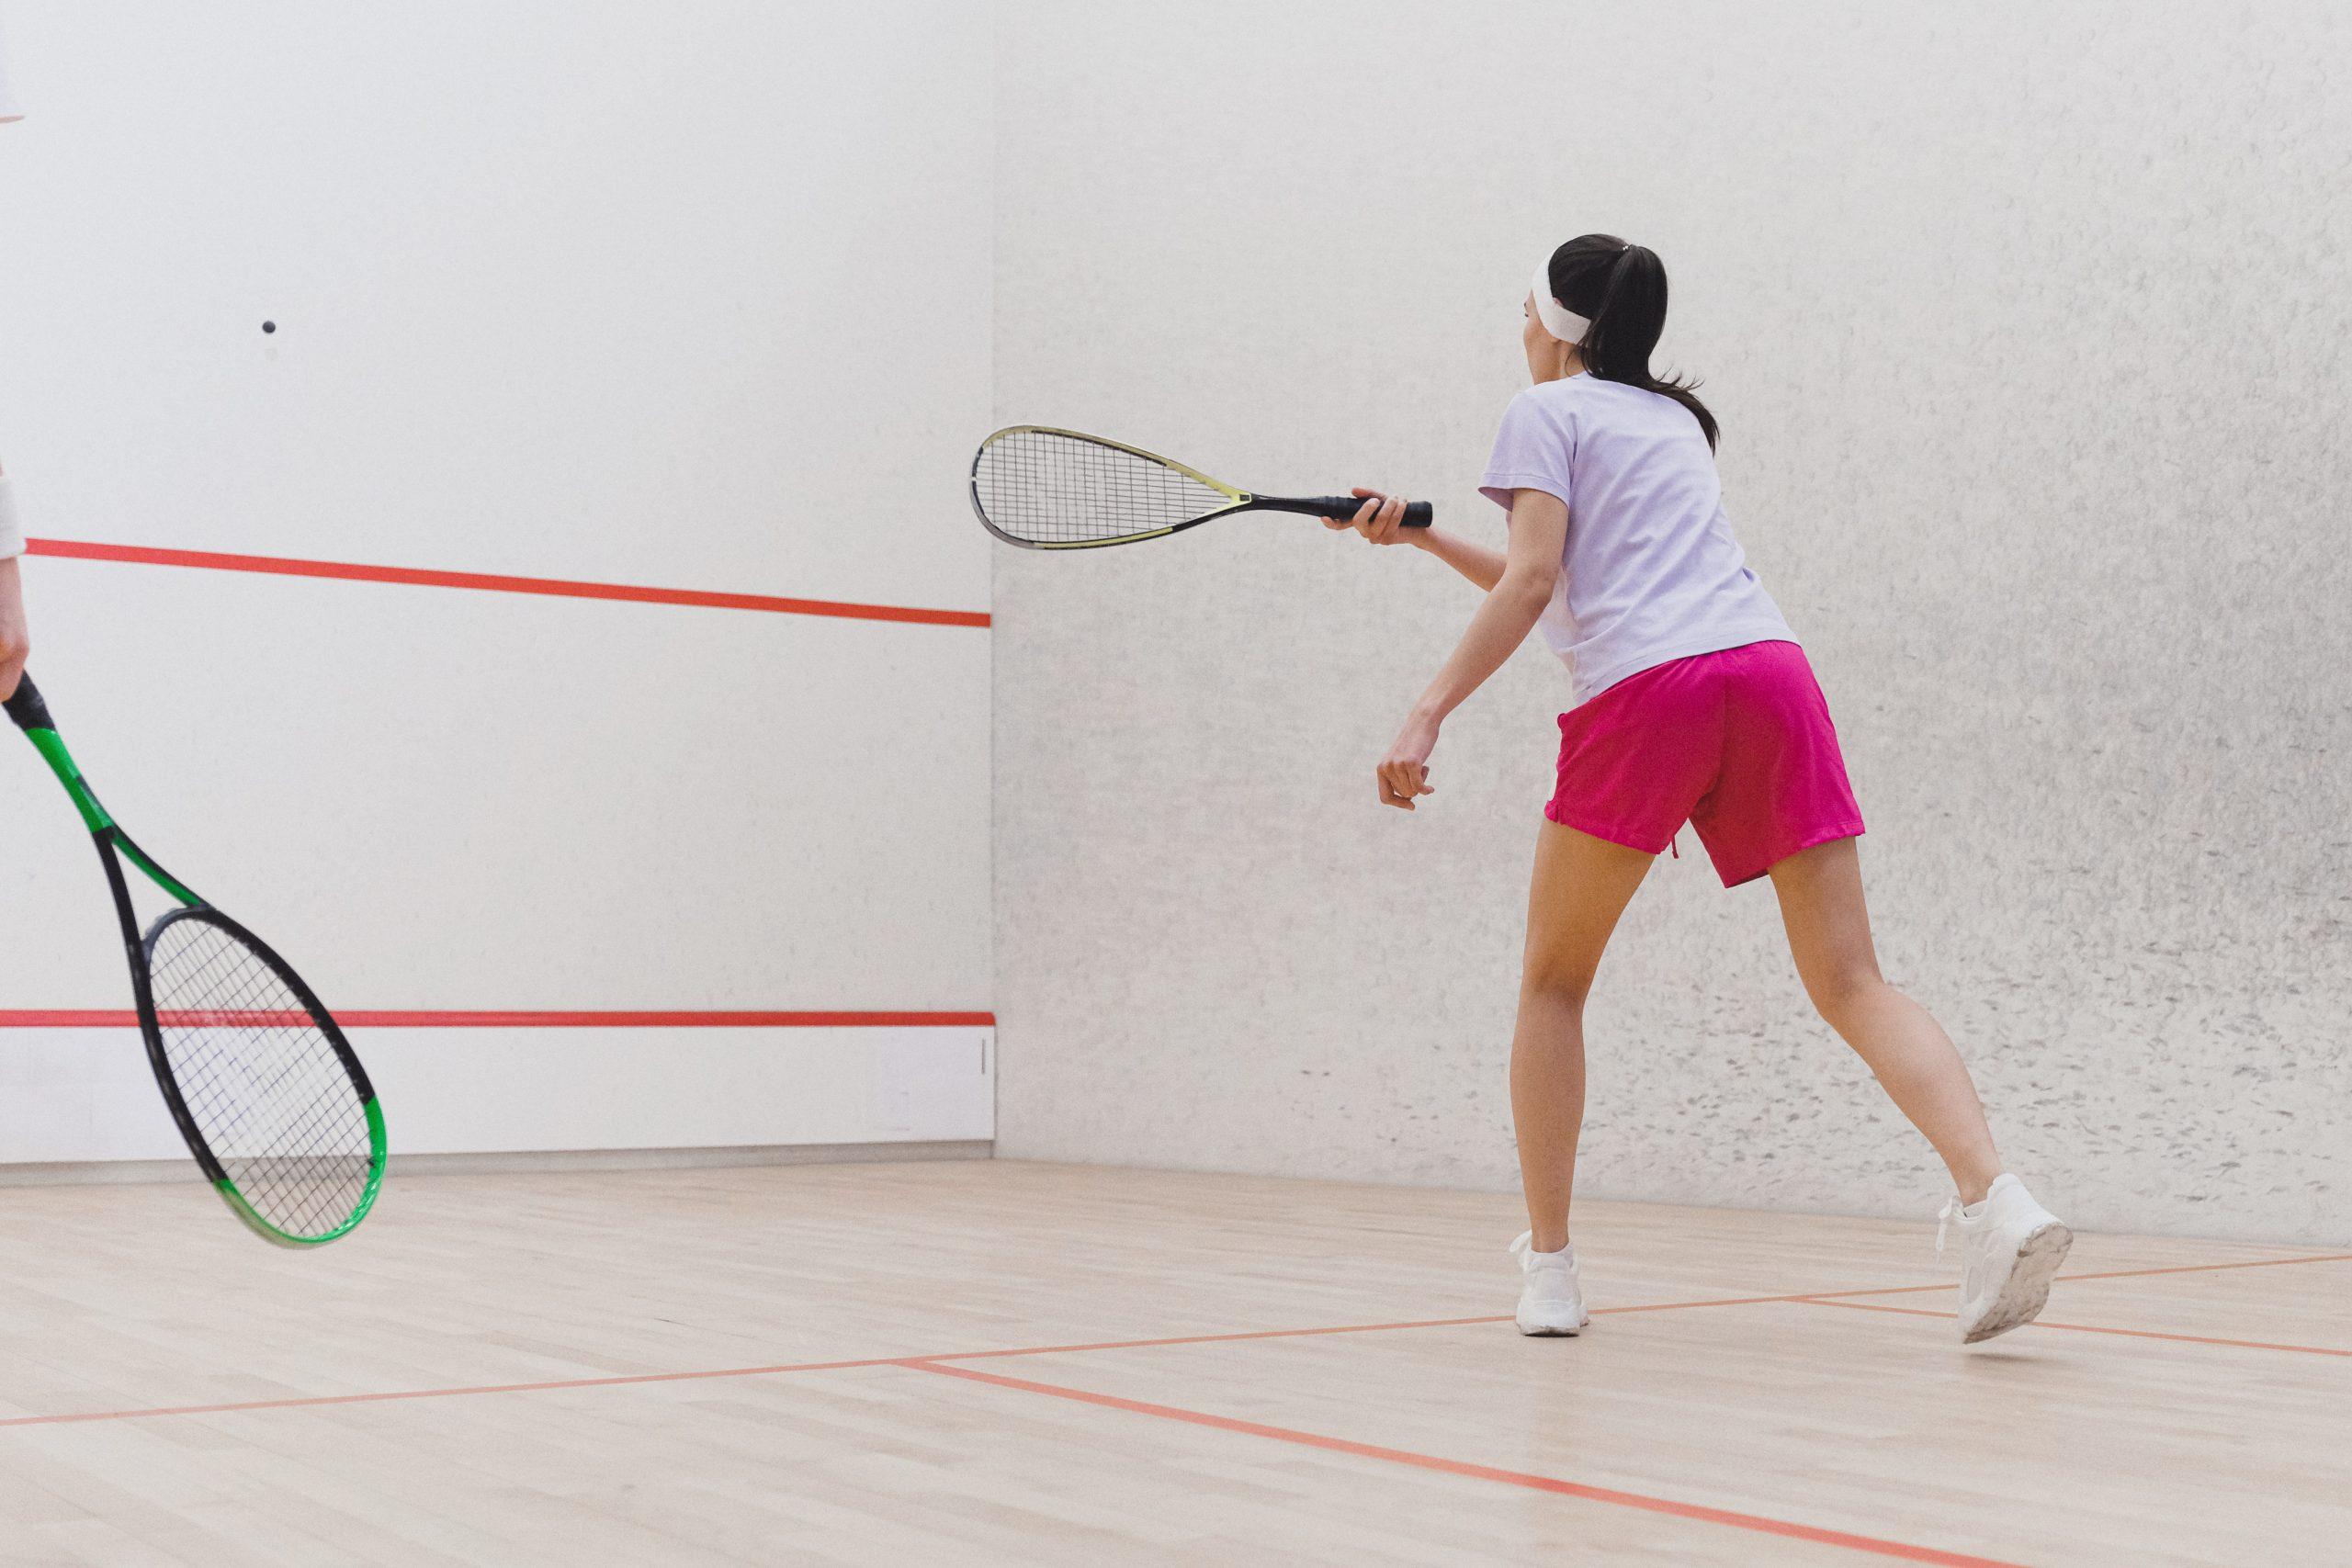 Duas pessoas jogando Squash em uma quadra com paredes de concreto